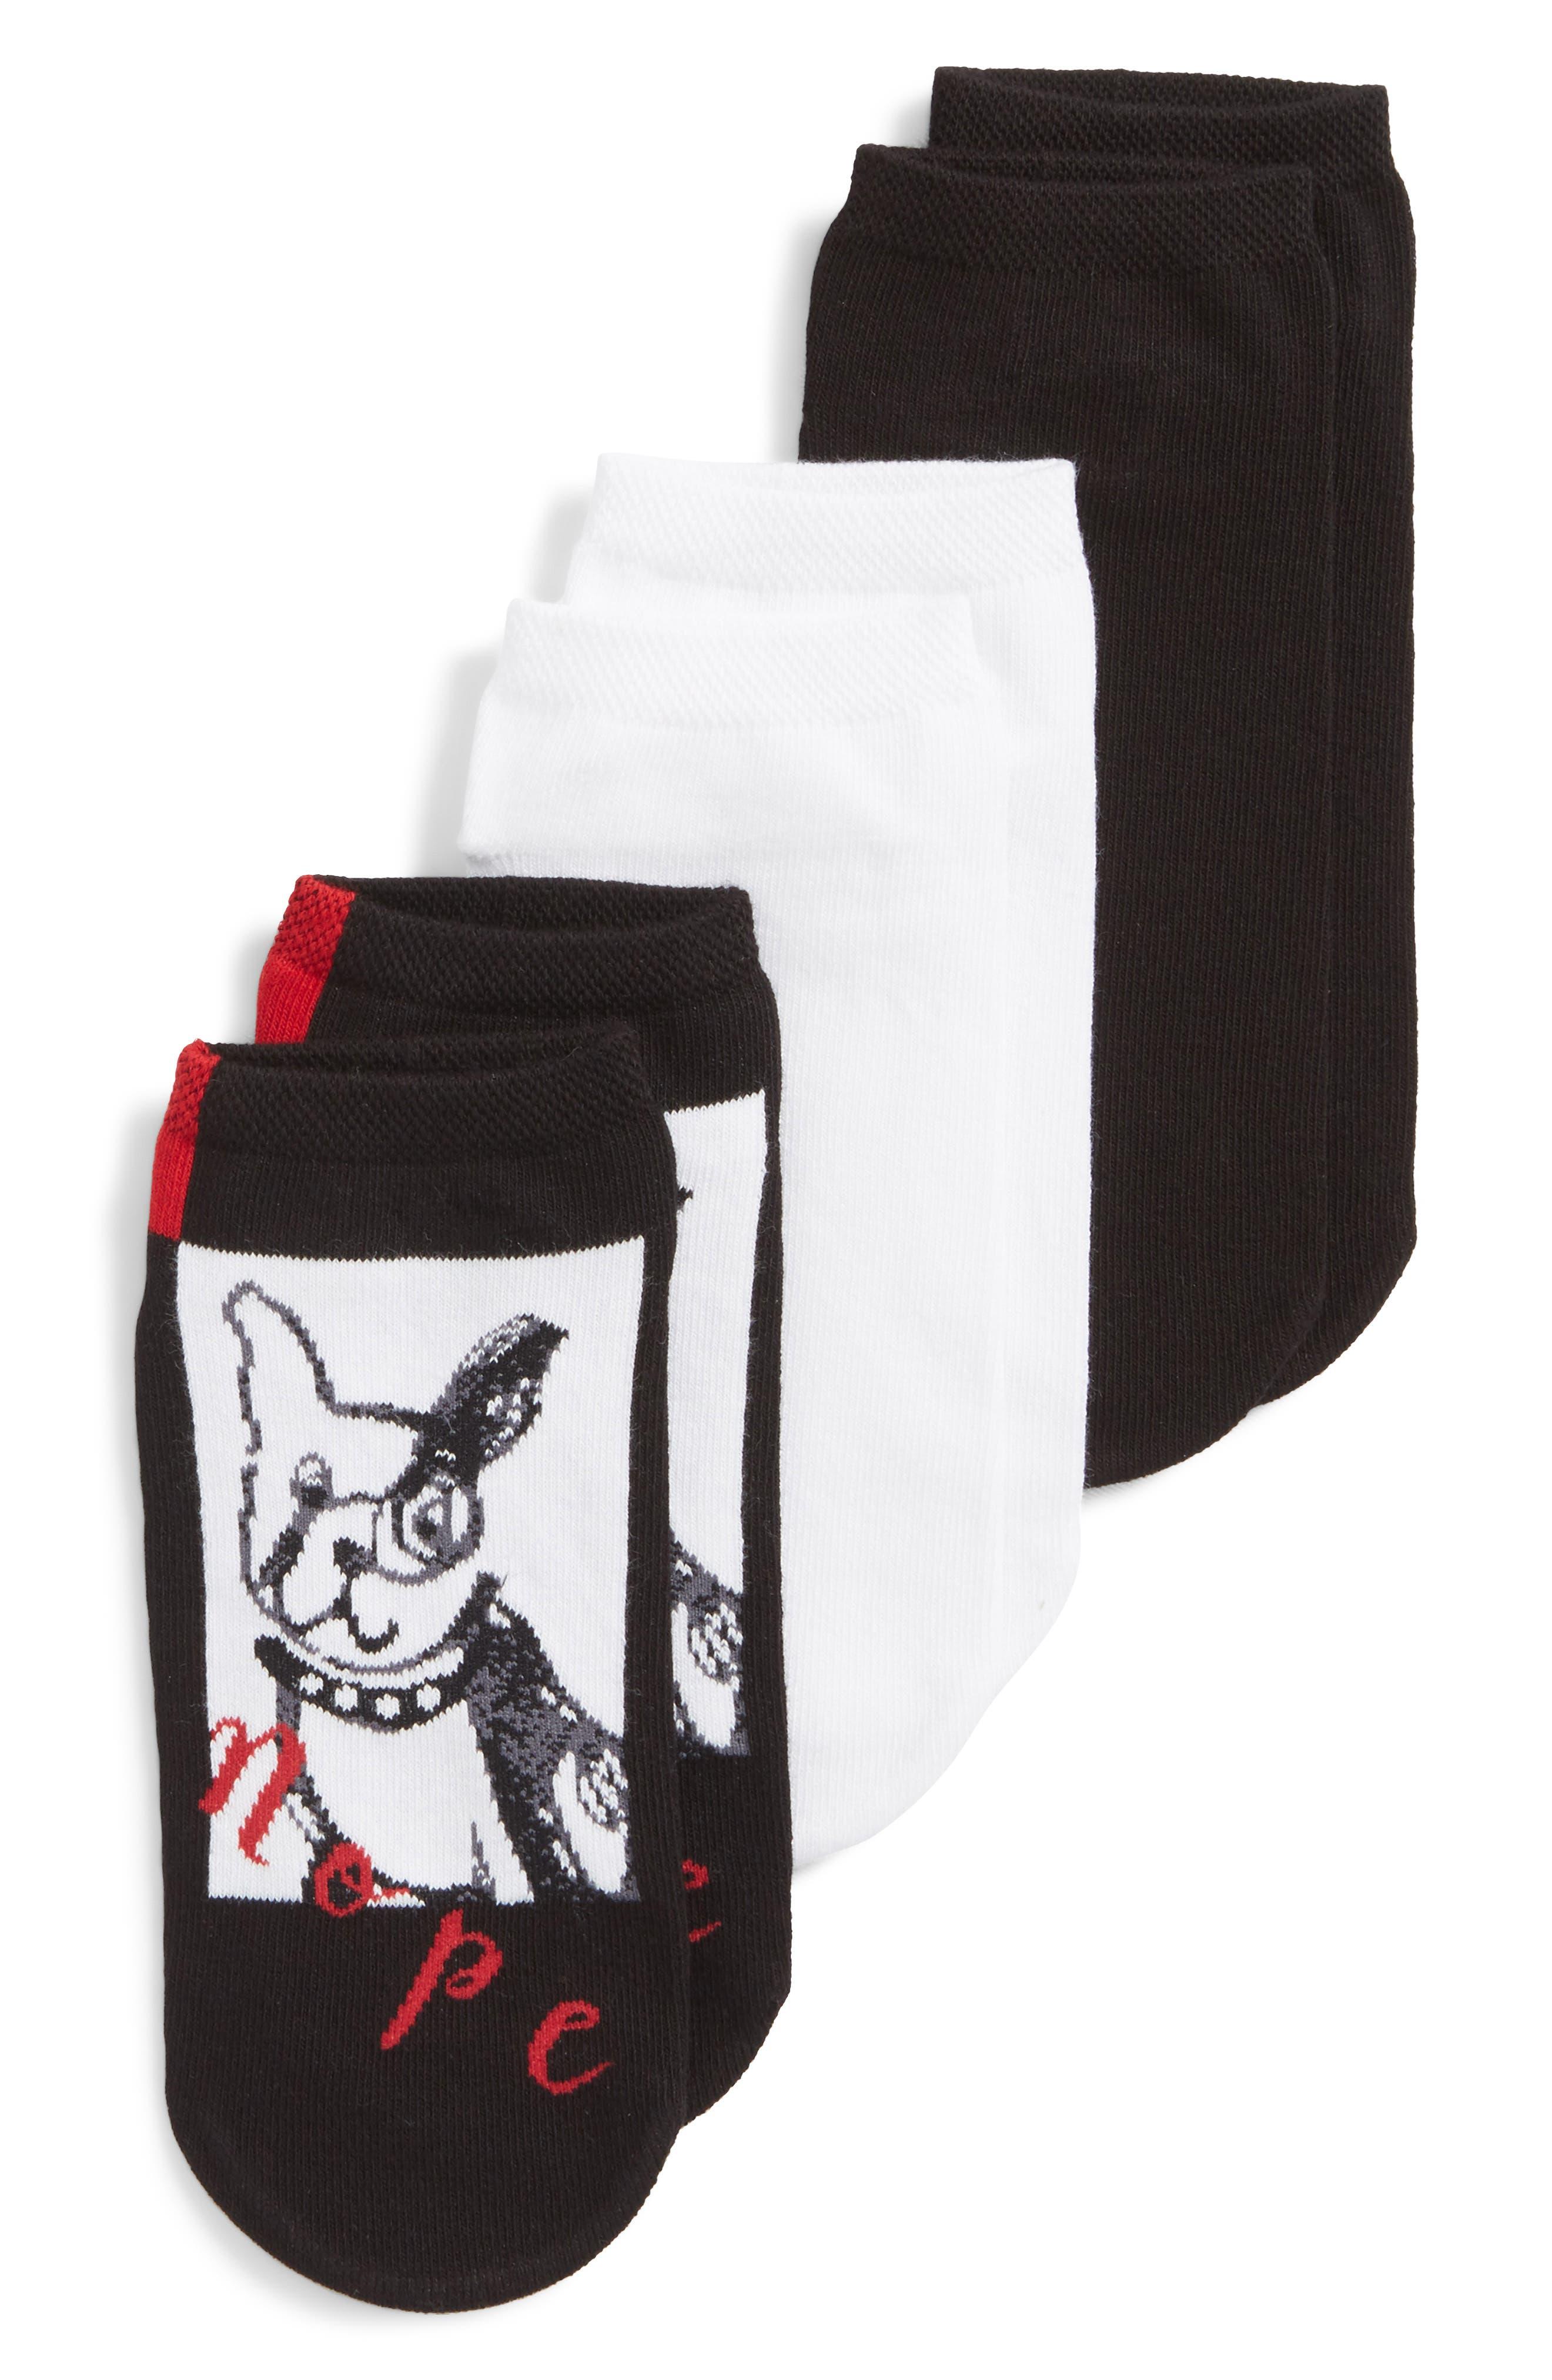 Stubborn Dog 3-Pack Socks,                             Main thumbnail 1, color,                             Black